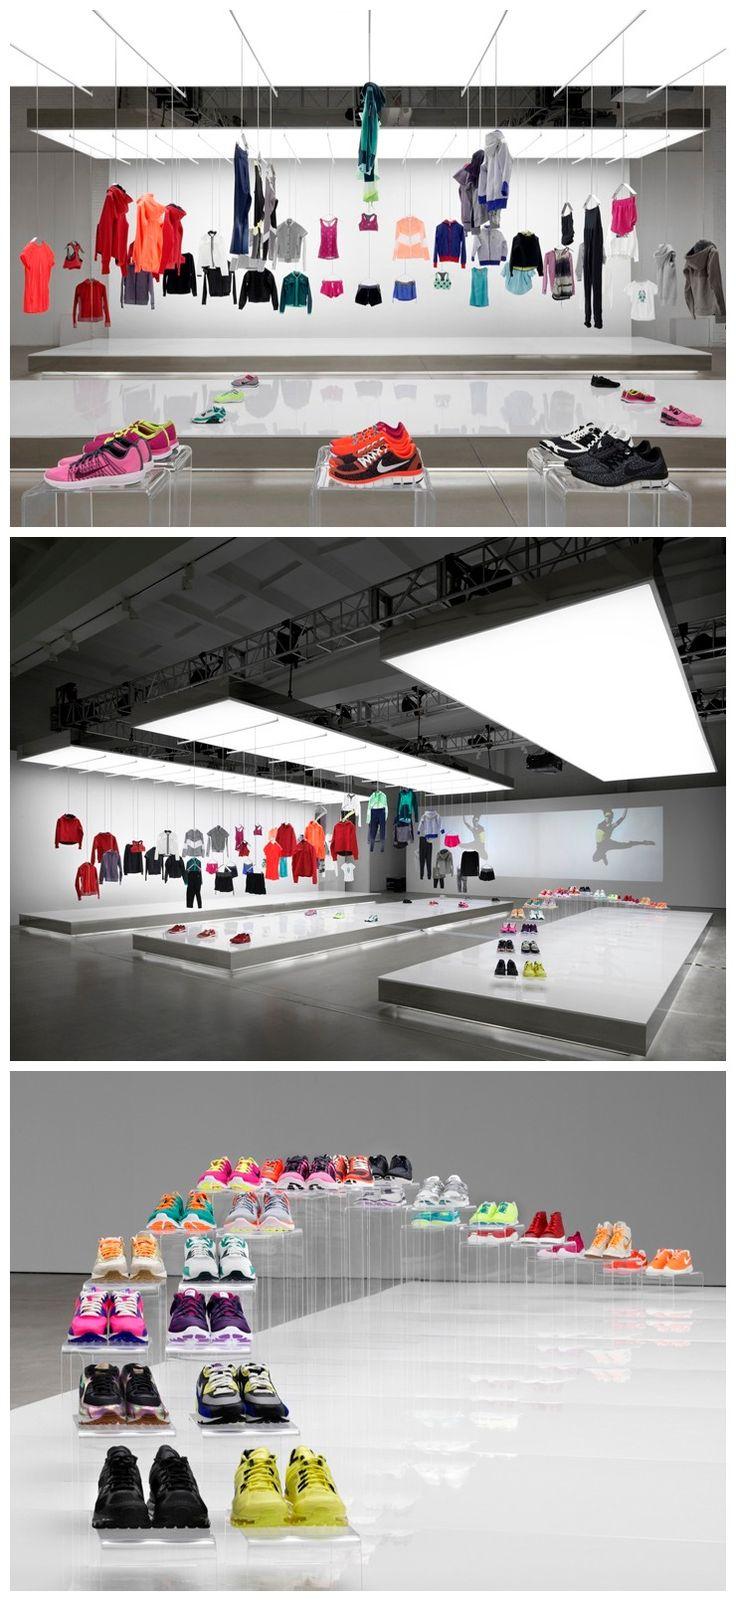 Nike pop-up showroom by Maggie Peng & Albert Tien, Beijing